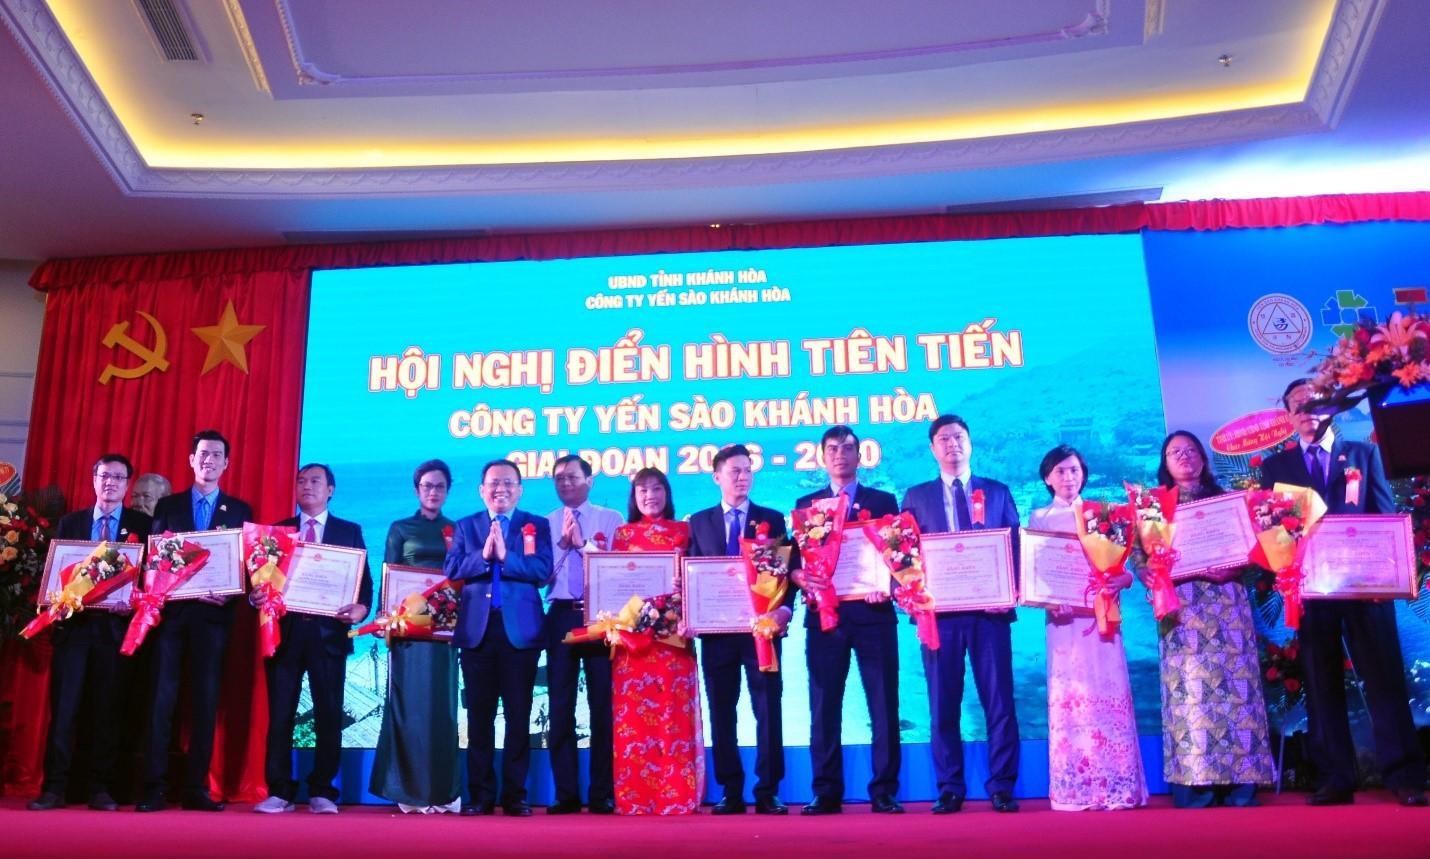 Ông Lê Hữu Hoàng, Phó Chủ tịch UBND tỉnh Khánh Hòa tặng Bằng khen của UBND tỉnh Khánh Hòa cho các cá nhân